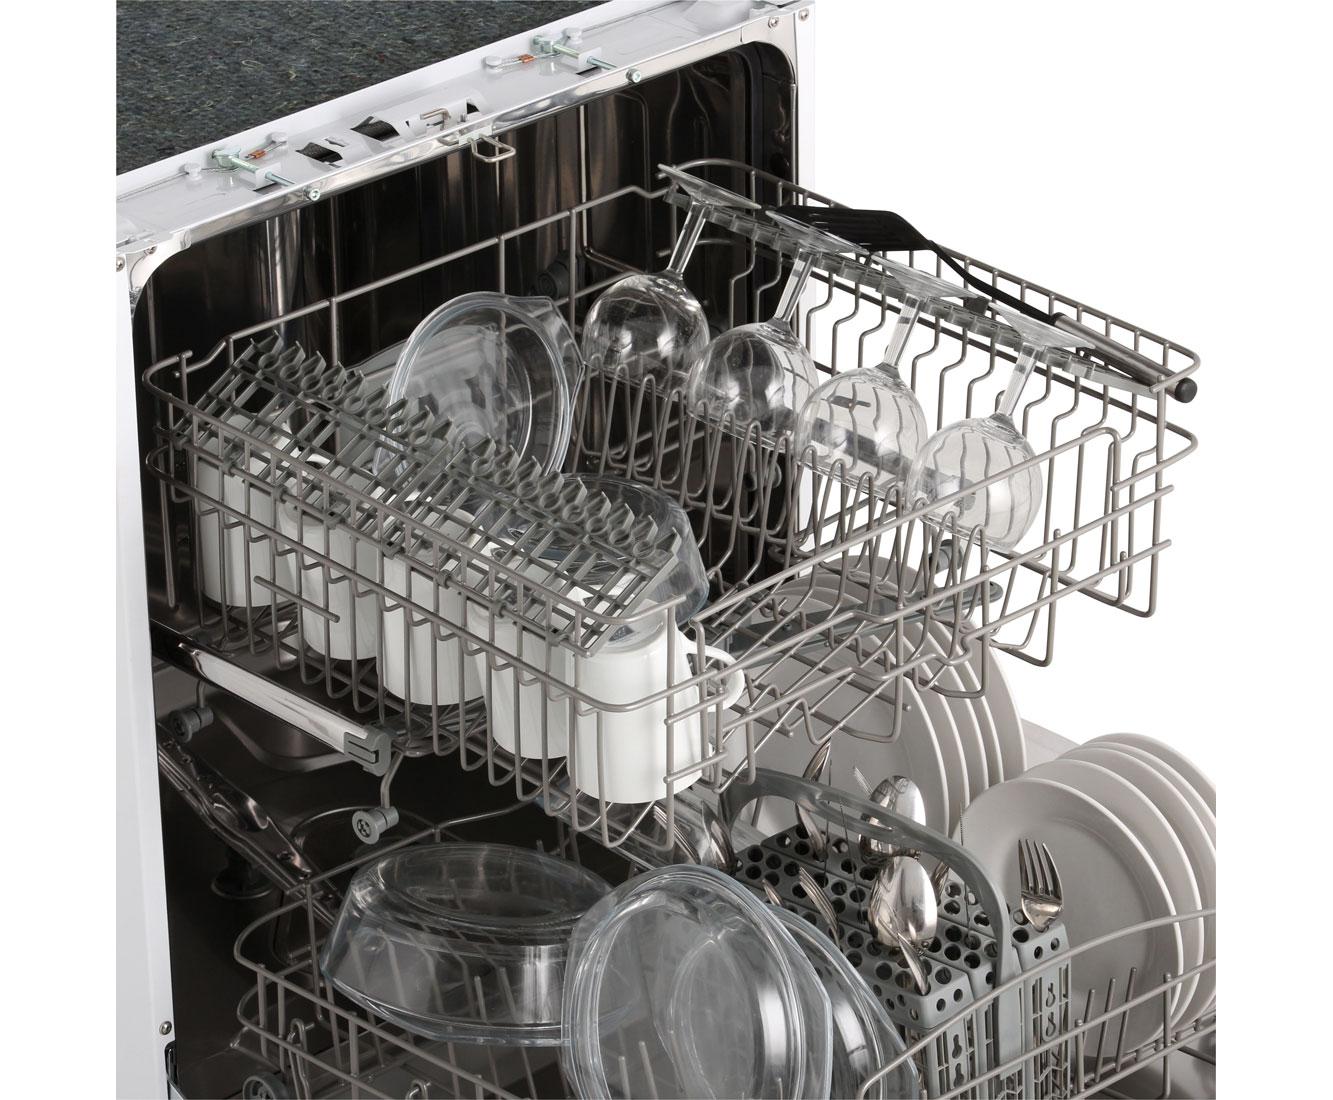 Mini Kühlschrank Exquisit : Ersatzteile geschirrspüler exquisit gsp: exquisit geschirrspüler